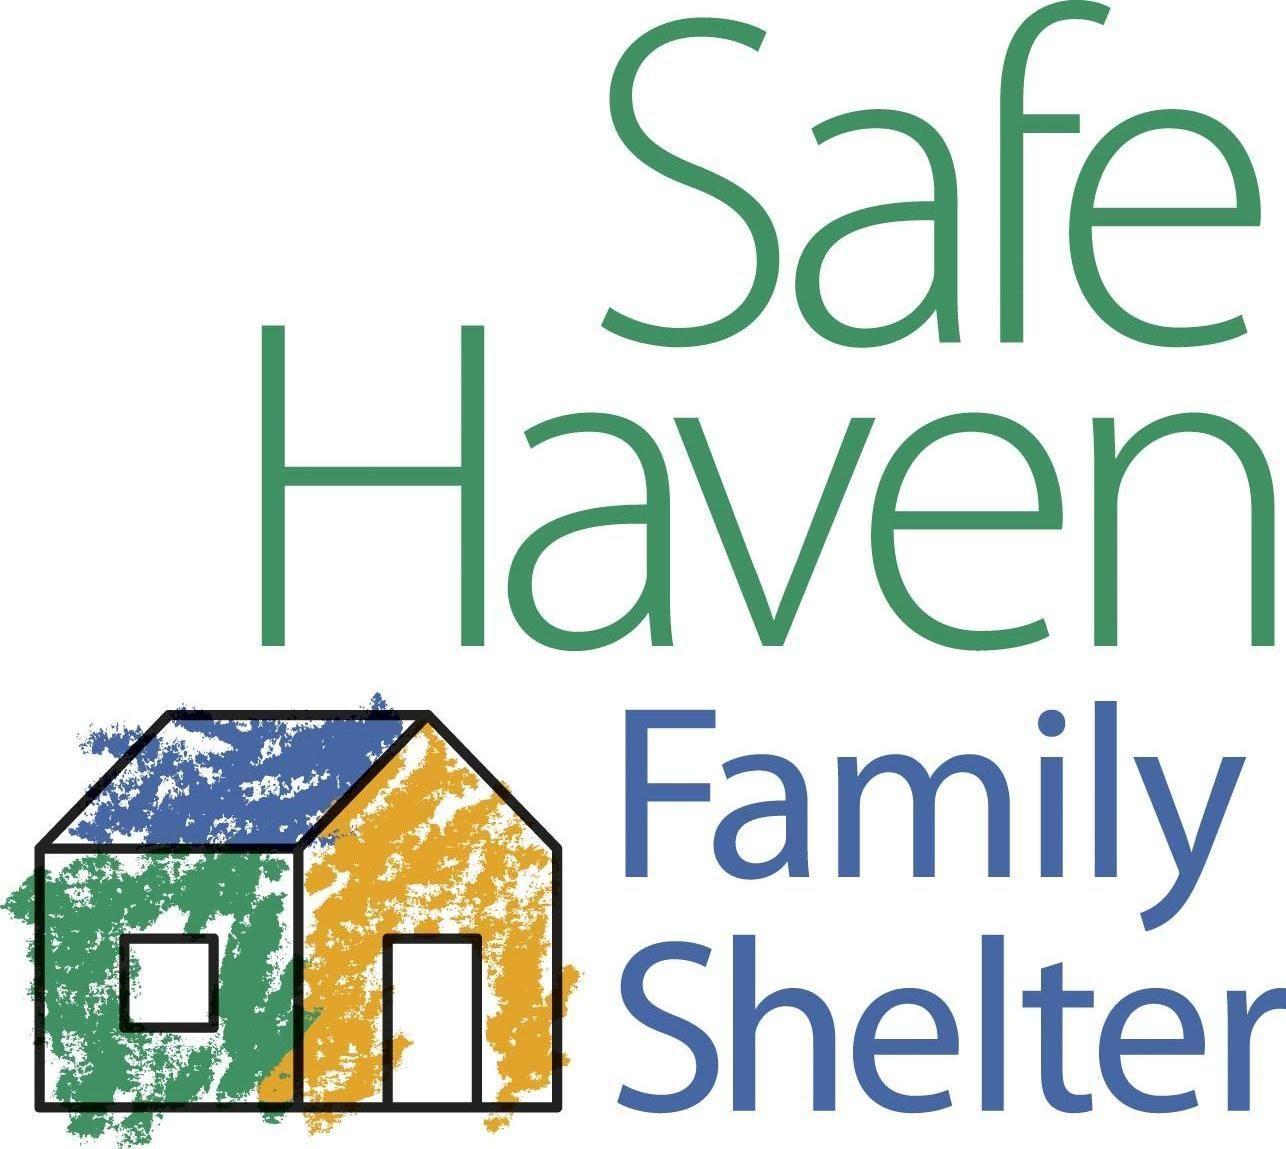 homeless shelter logo - Google Search